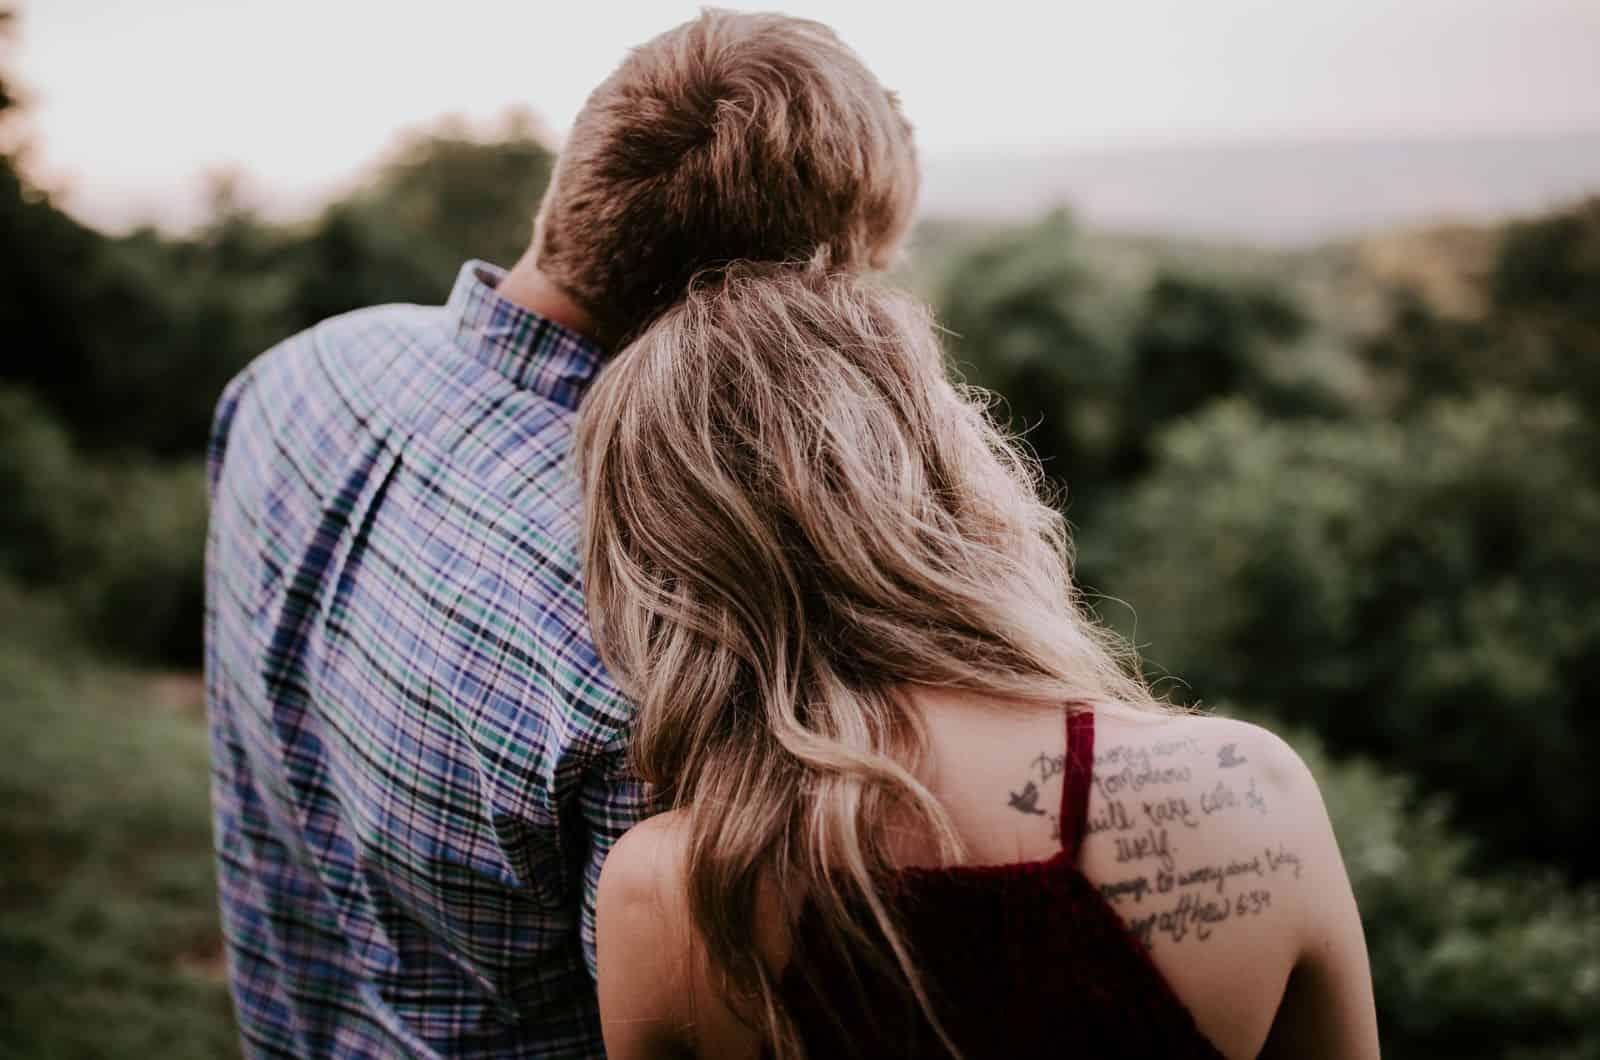 Frau legt ihren Kopf auf die Schulter des Mannes